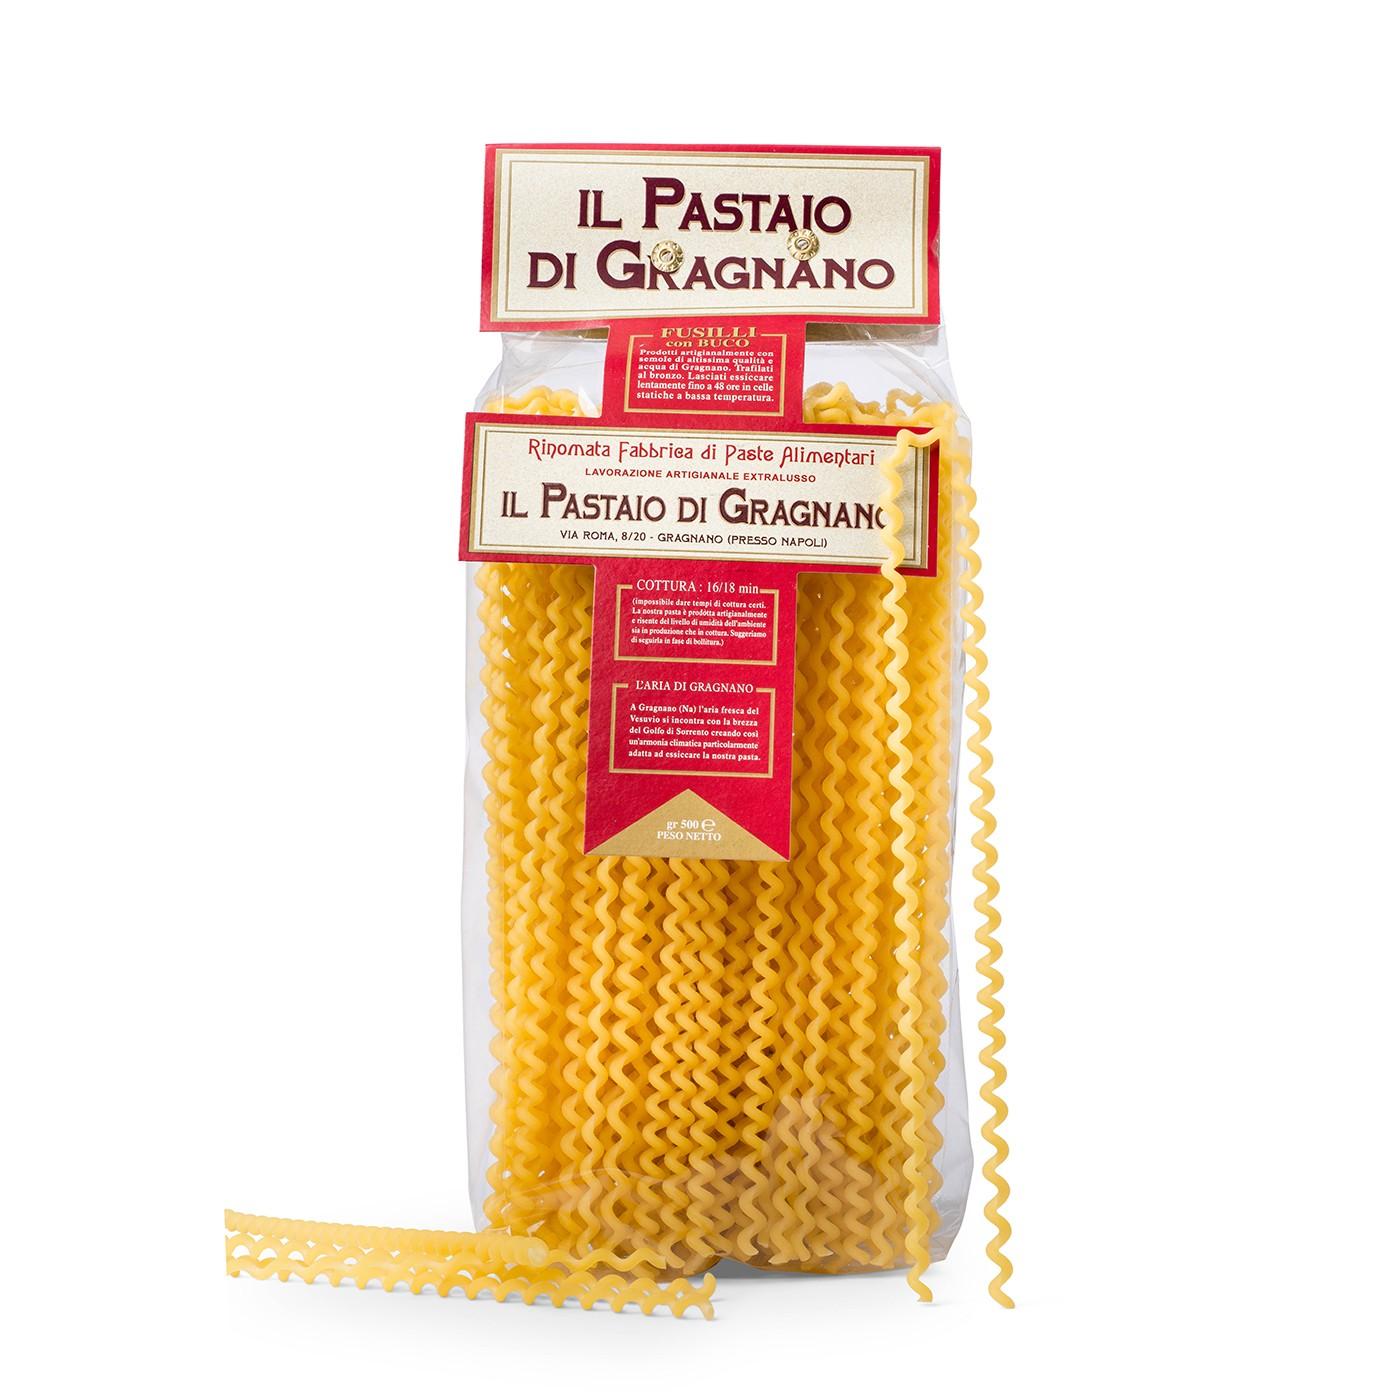 Fresh Pasta Nyc Where Buy